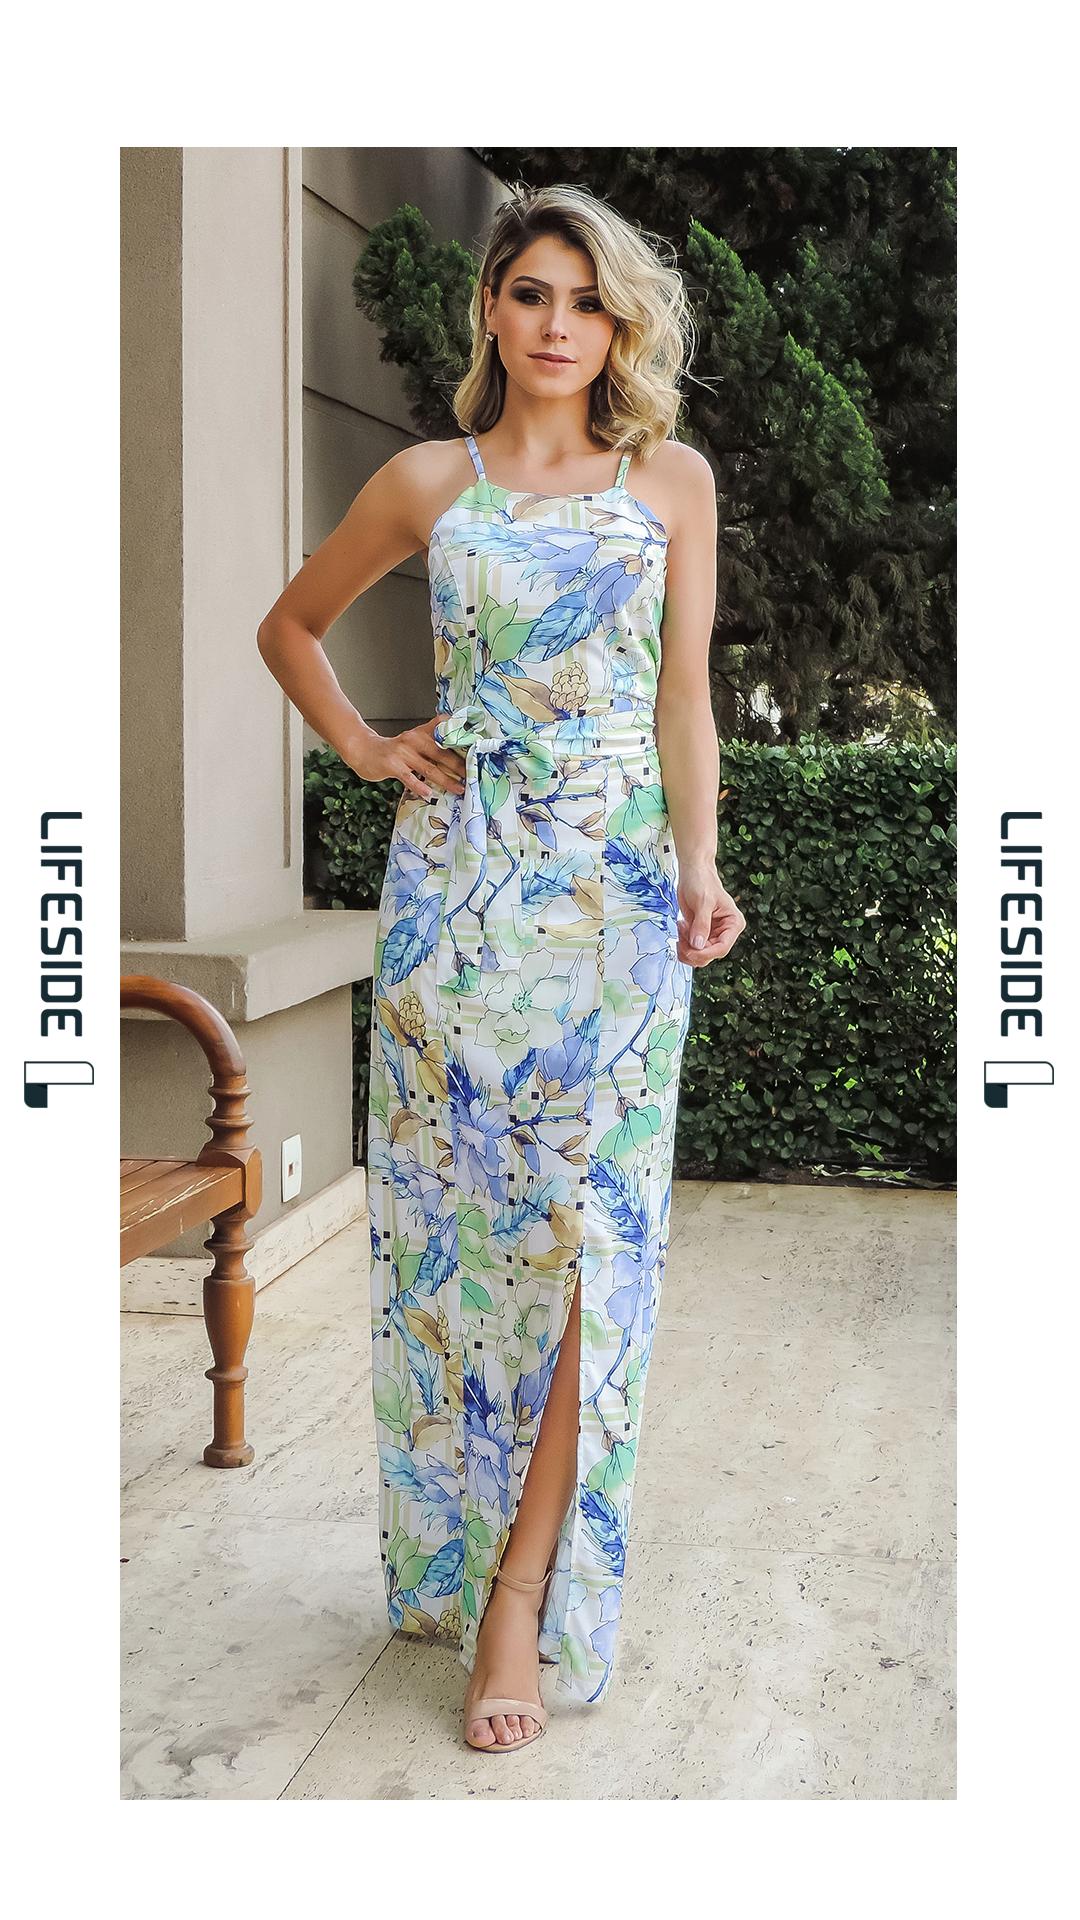 8cc3e4e9f LIFESIDE, Moda Feminina Primavera Verão 2019. Vestido longo estampado. Vestido  longo com festa